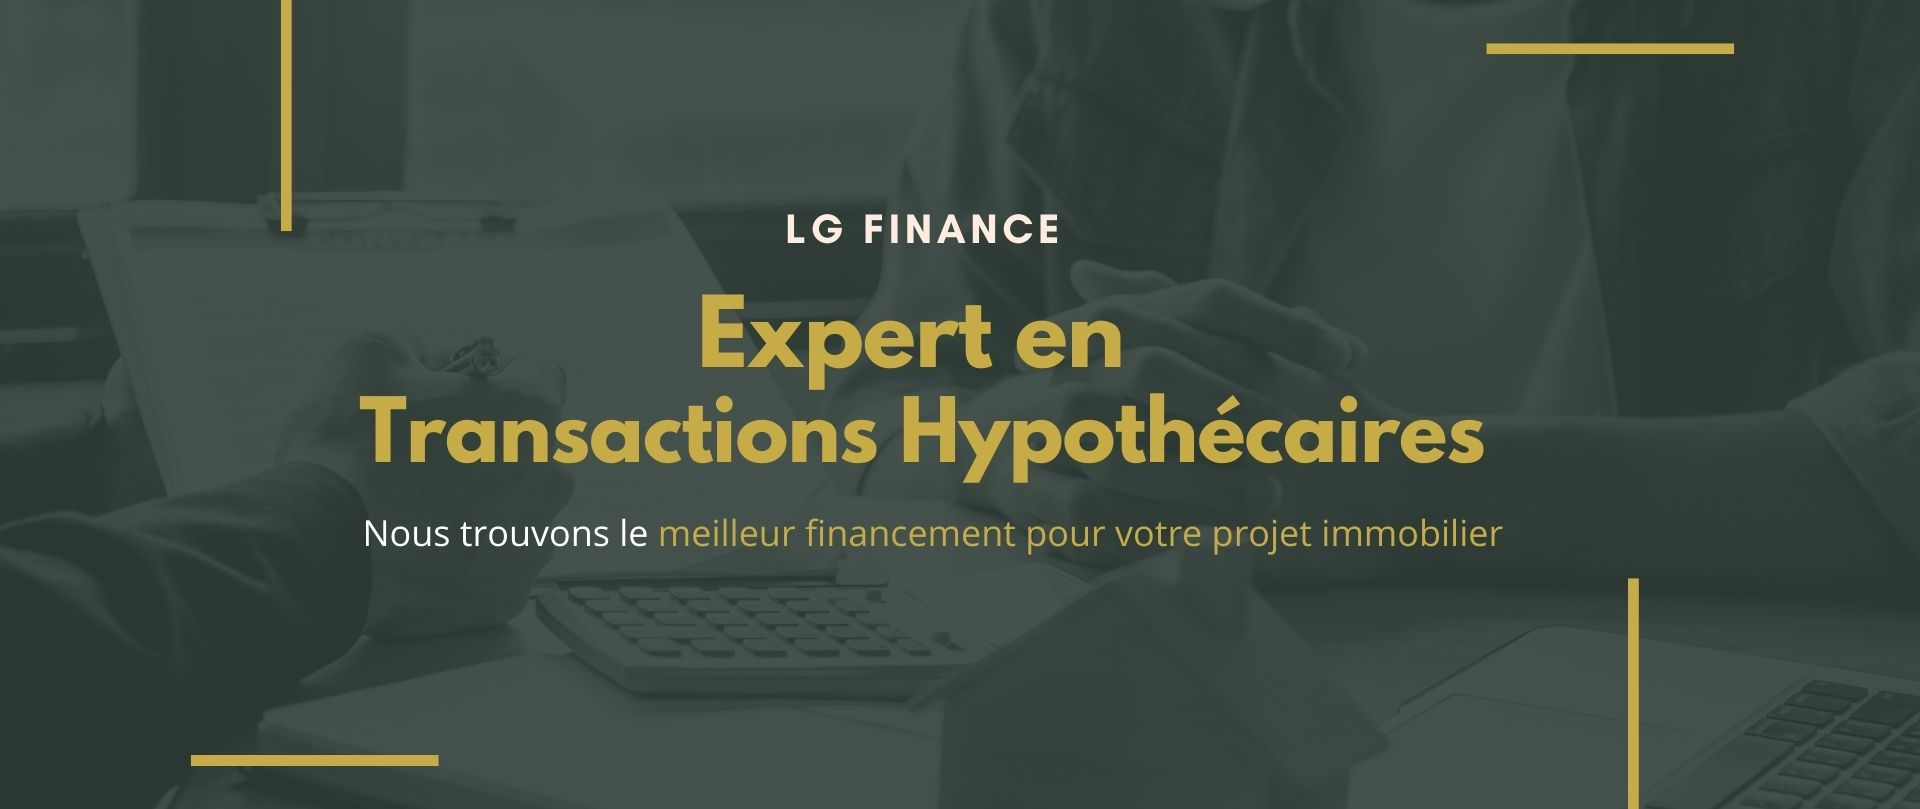 Expert en transactions hypothecaires